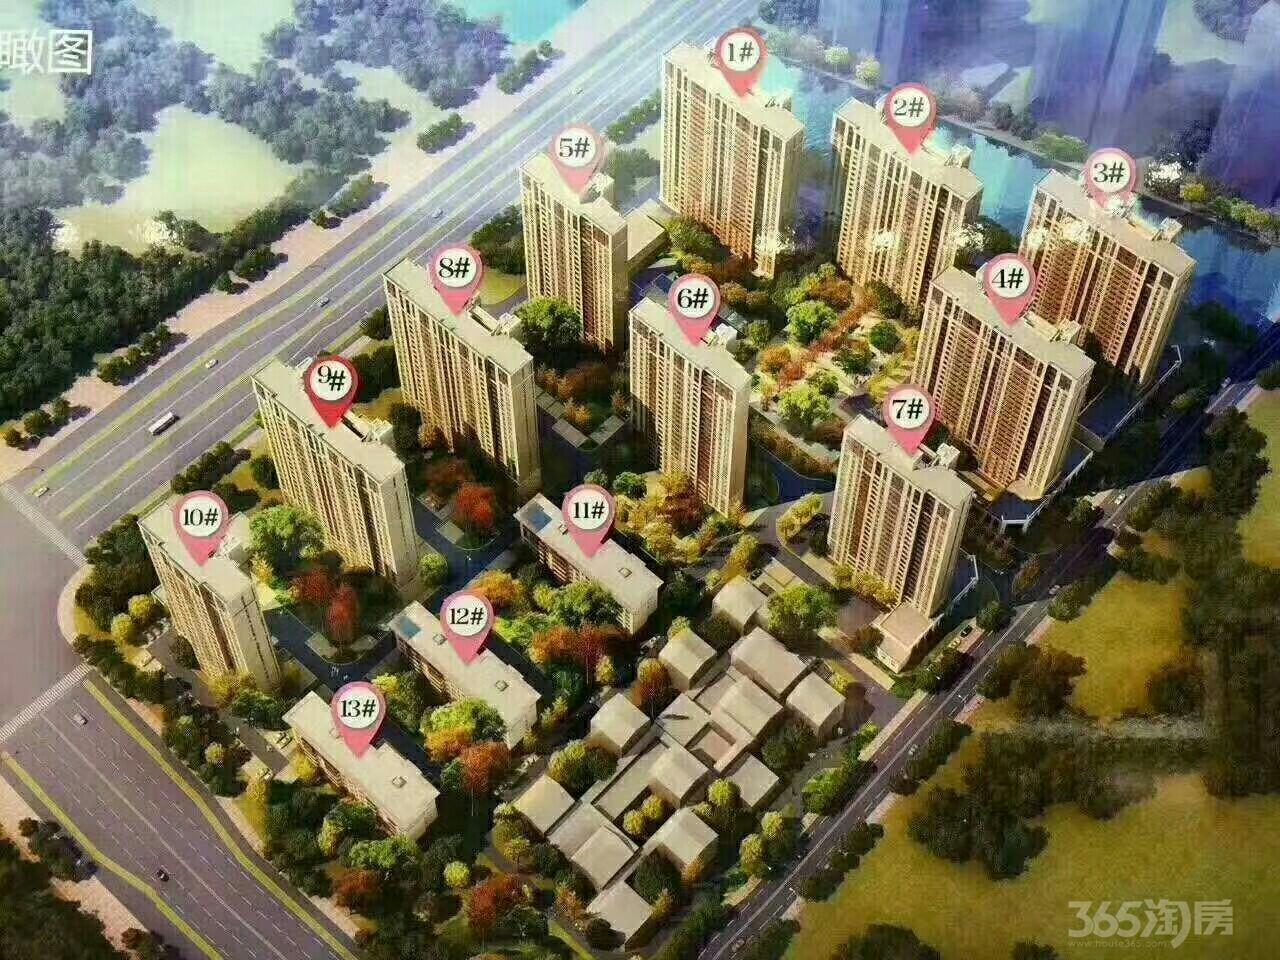 新西塘孔雀城嘉善3室2厅2卫87平米2015年产权房毛坯